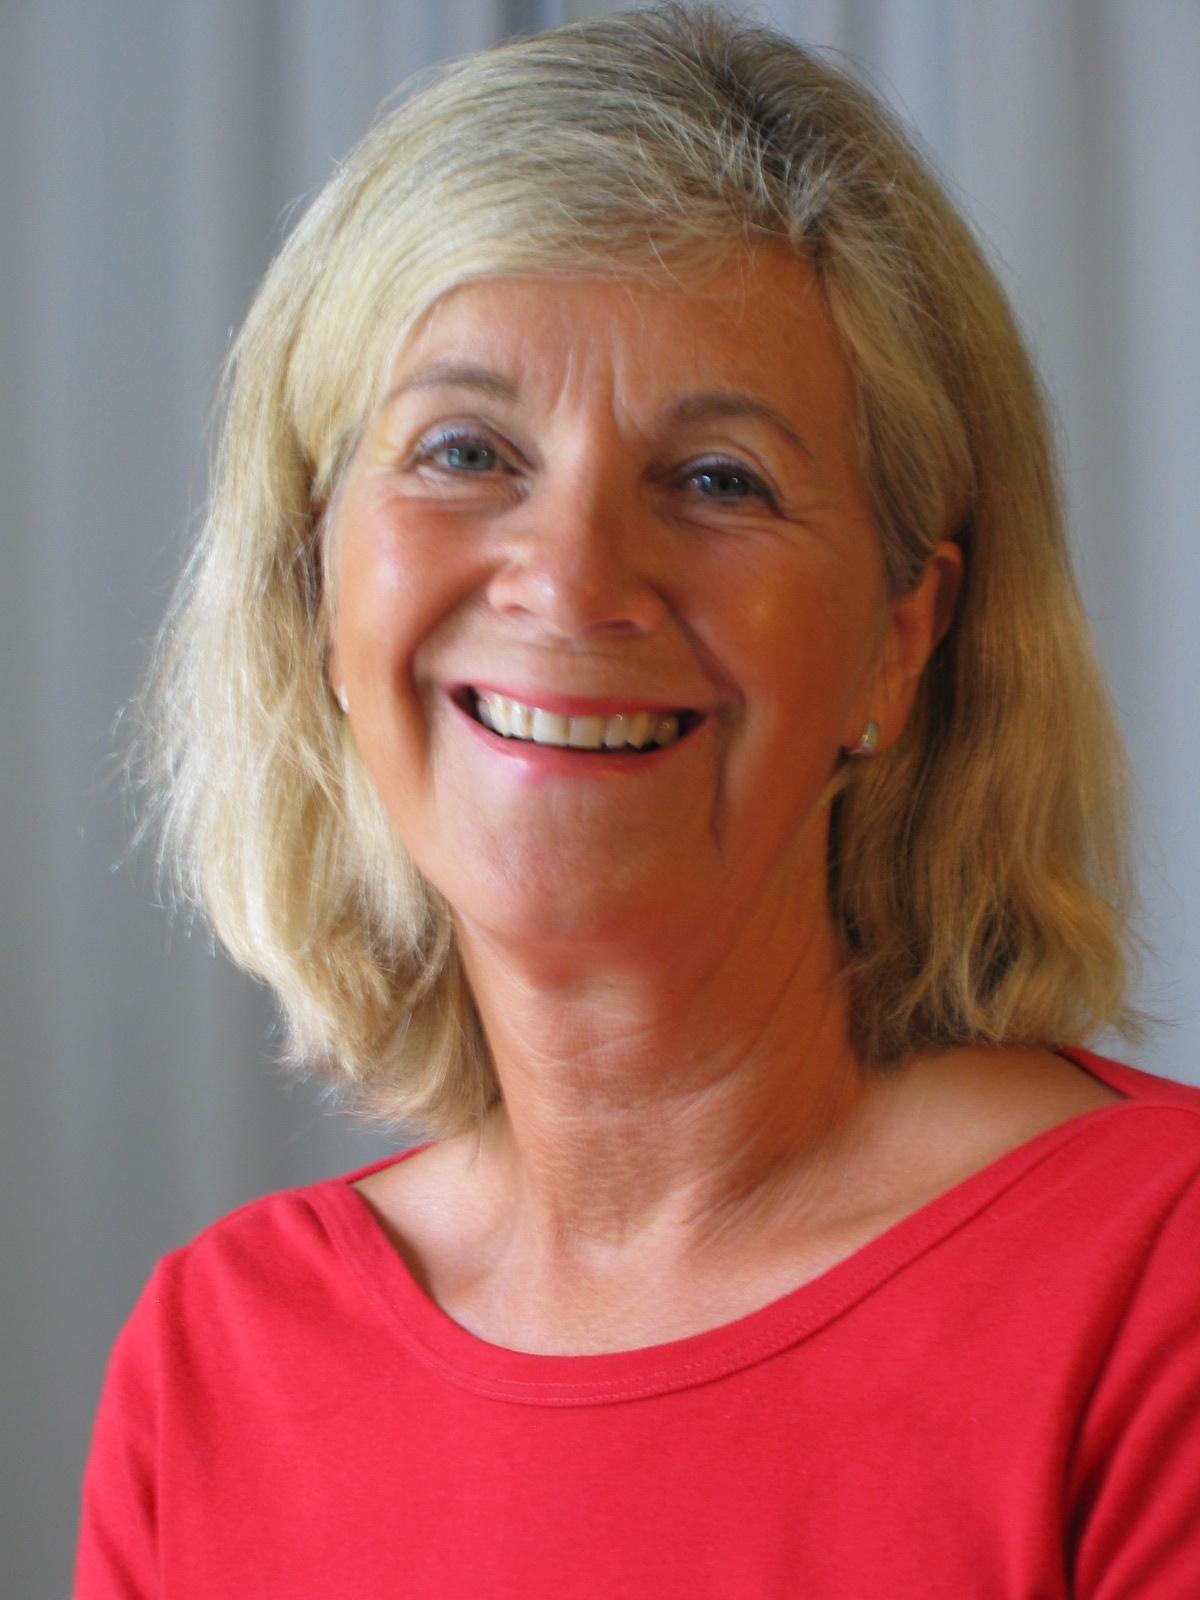 Portrett Mette i rødt